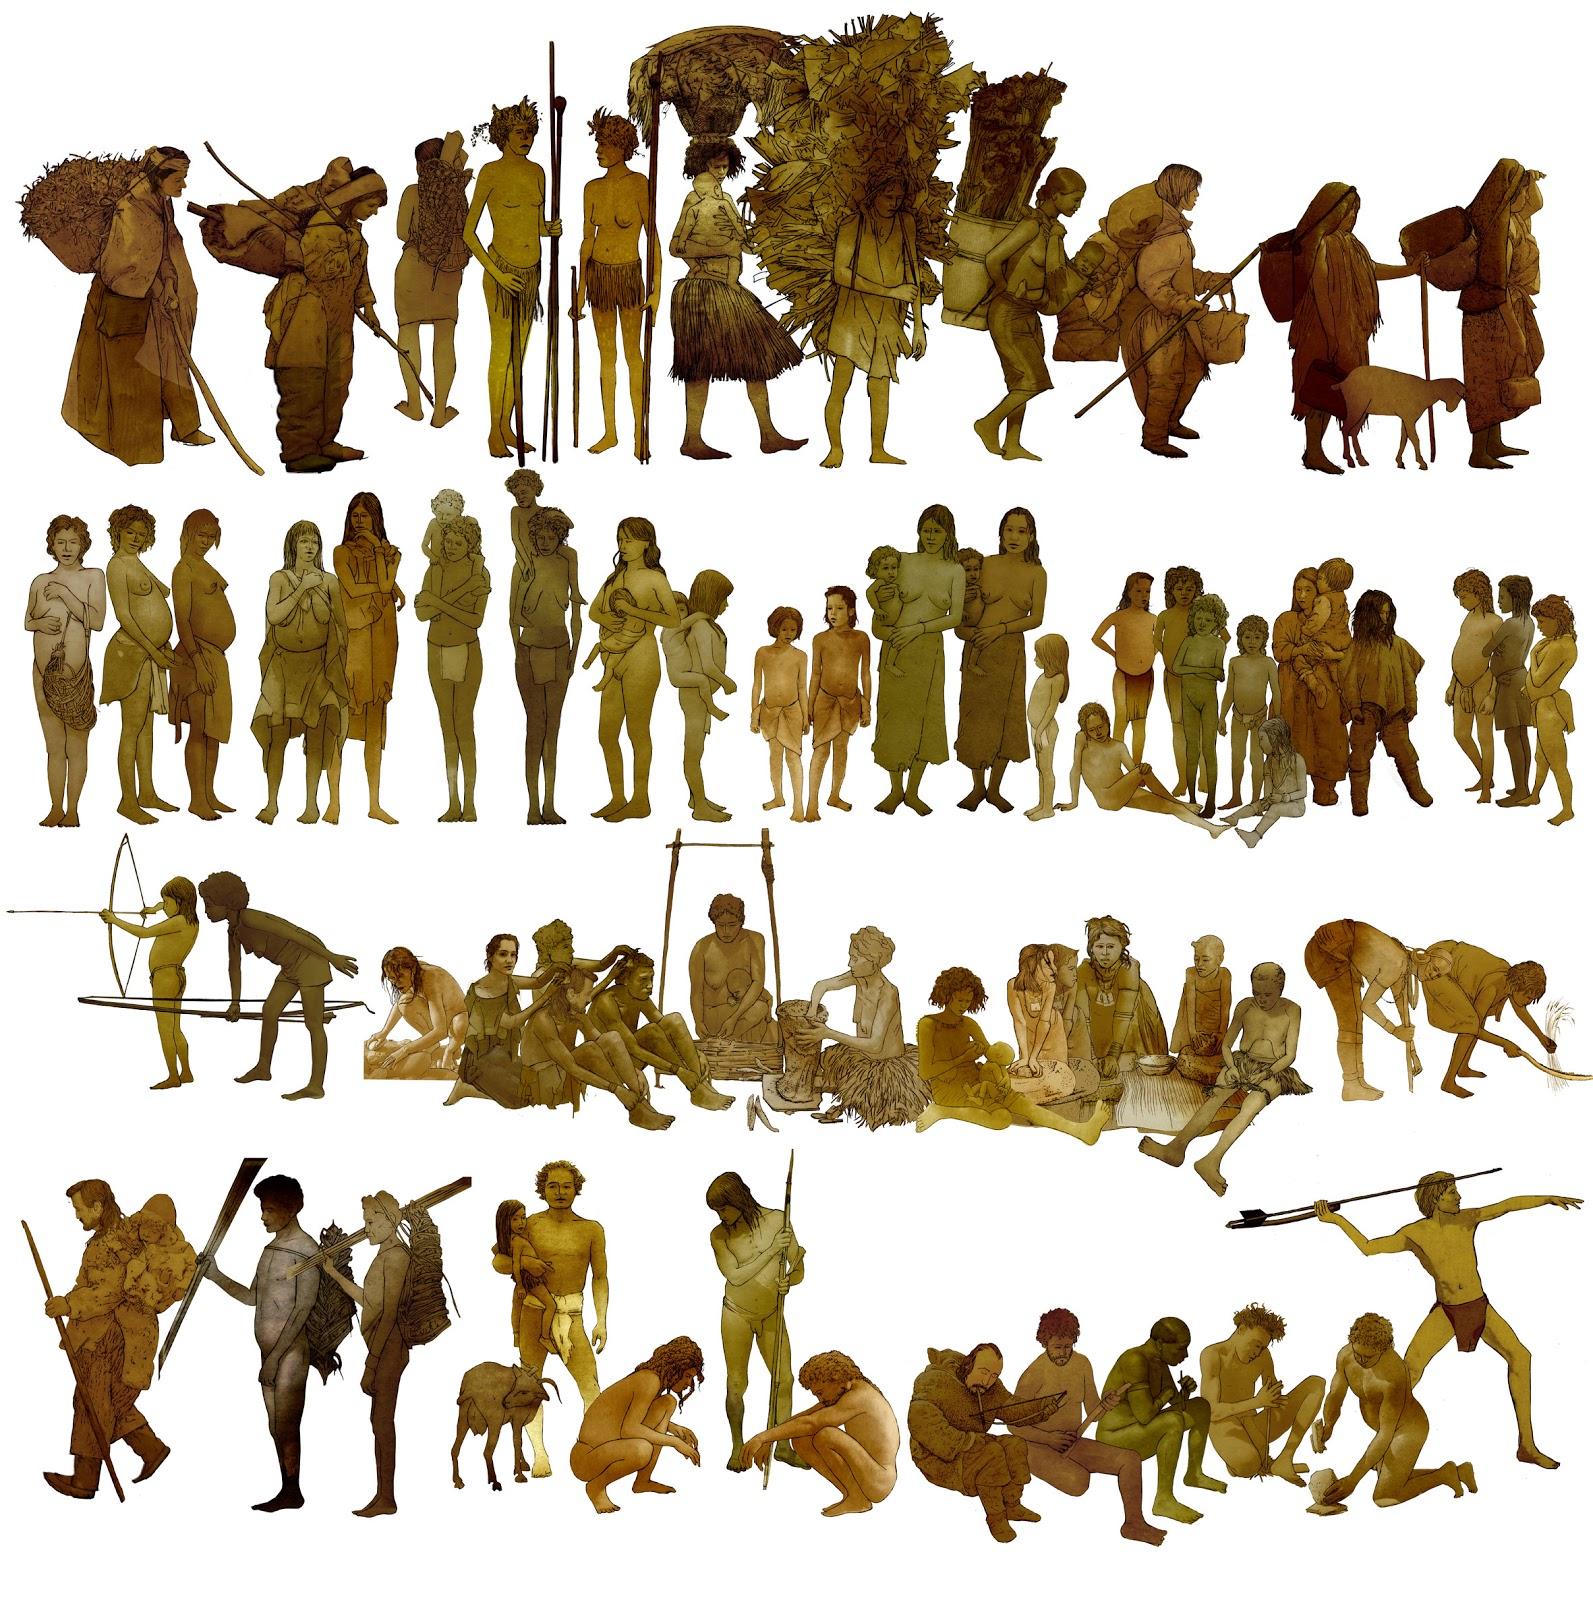 Mujeres hombres y niños, sacados de fotos antropologica, para ilustrar la prehistoria